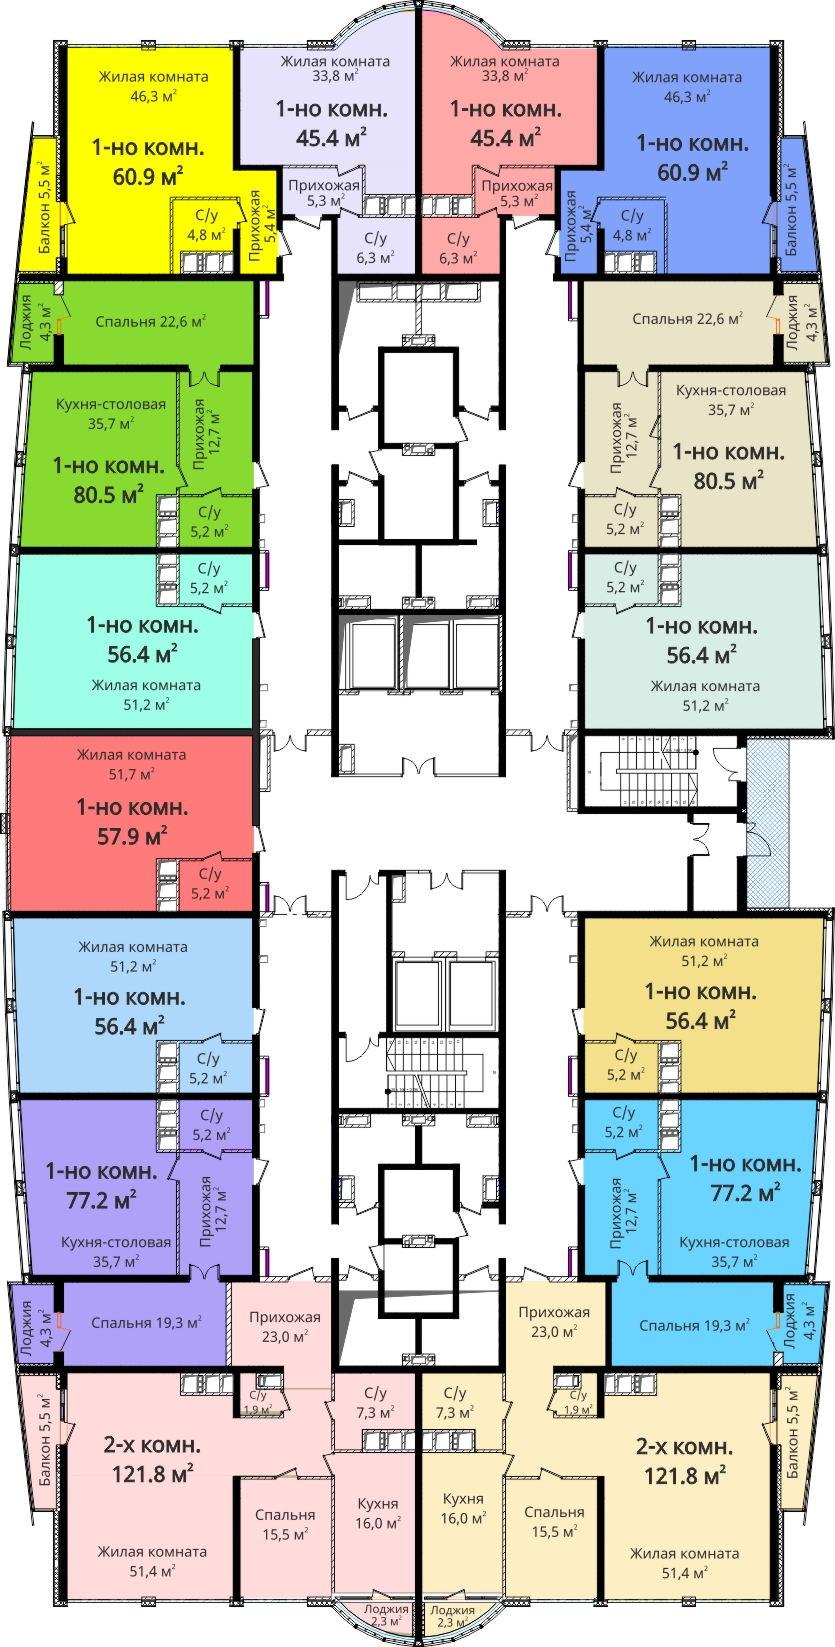 ЖК Новый берег / План 14 этажа